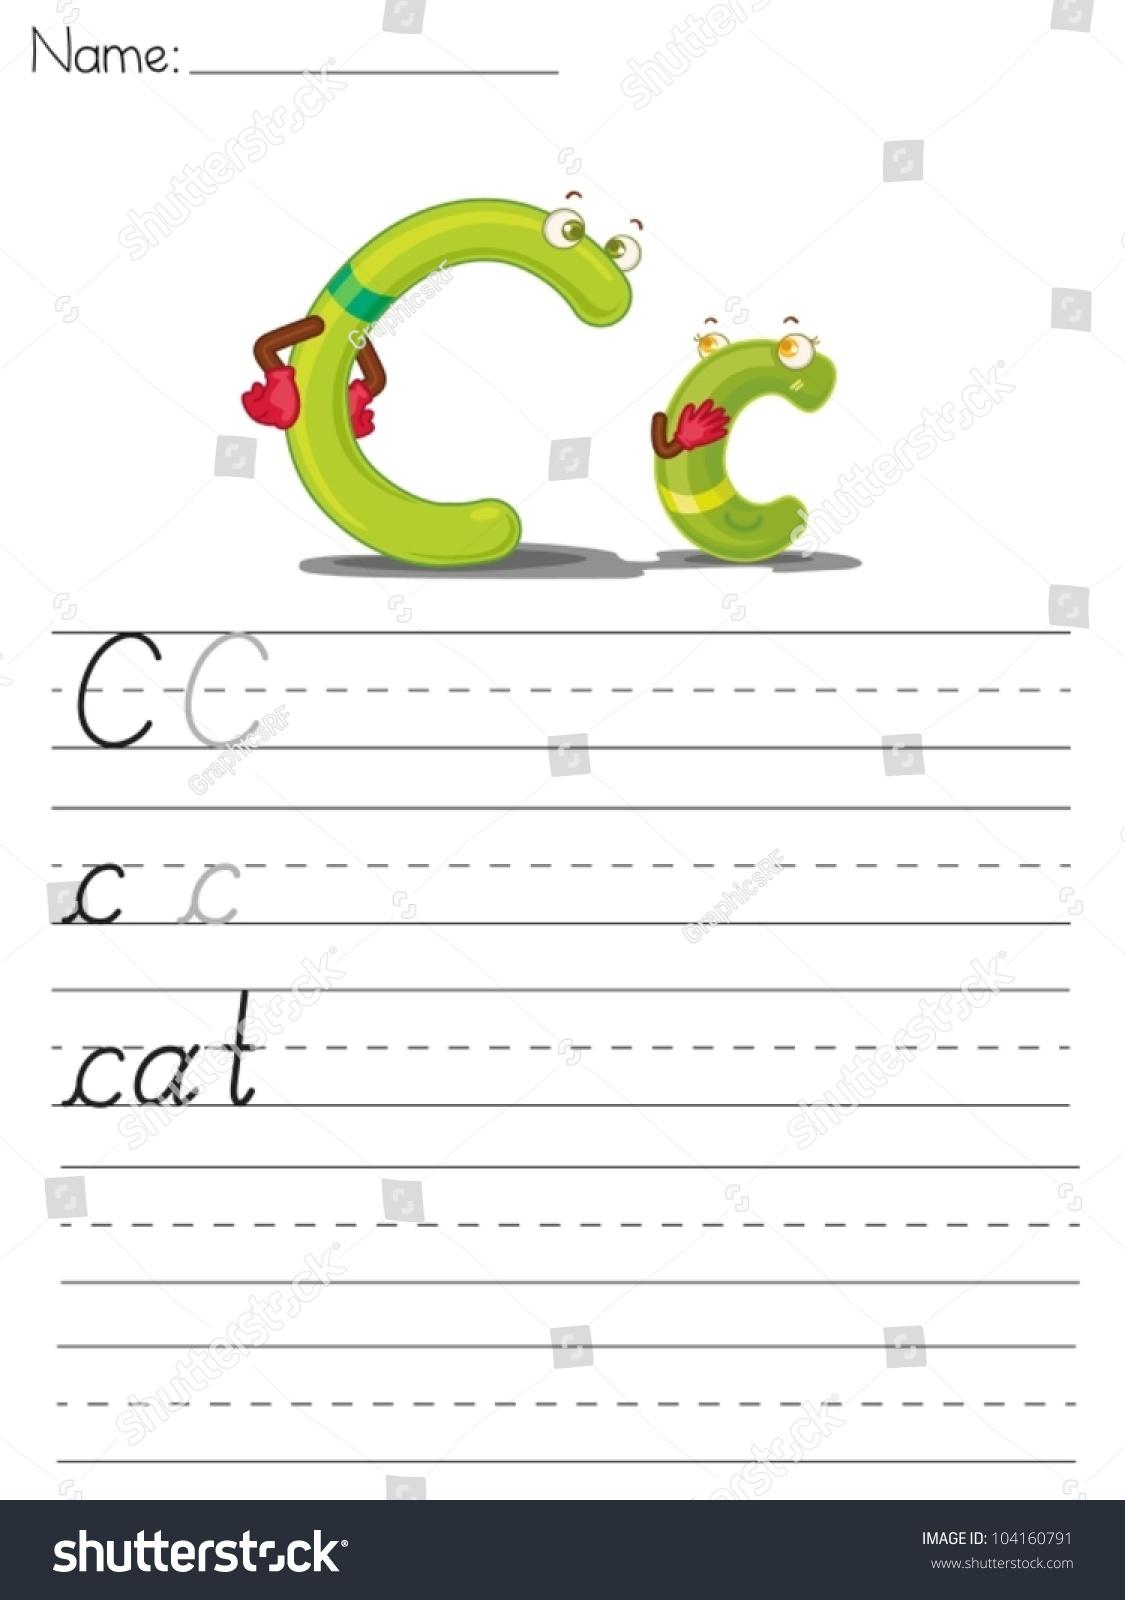 Illustrated Alphabet Worksheet Of The Letter C Stock